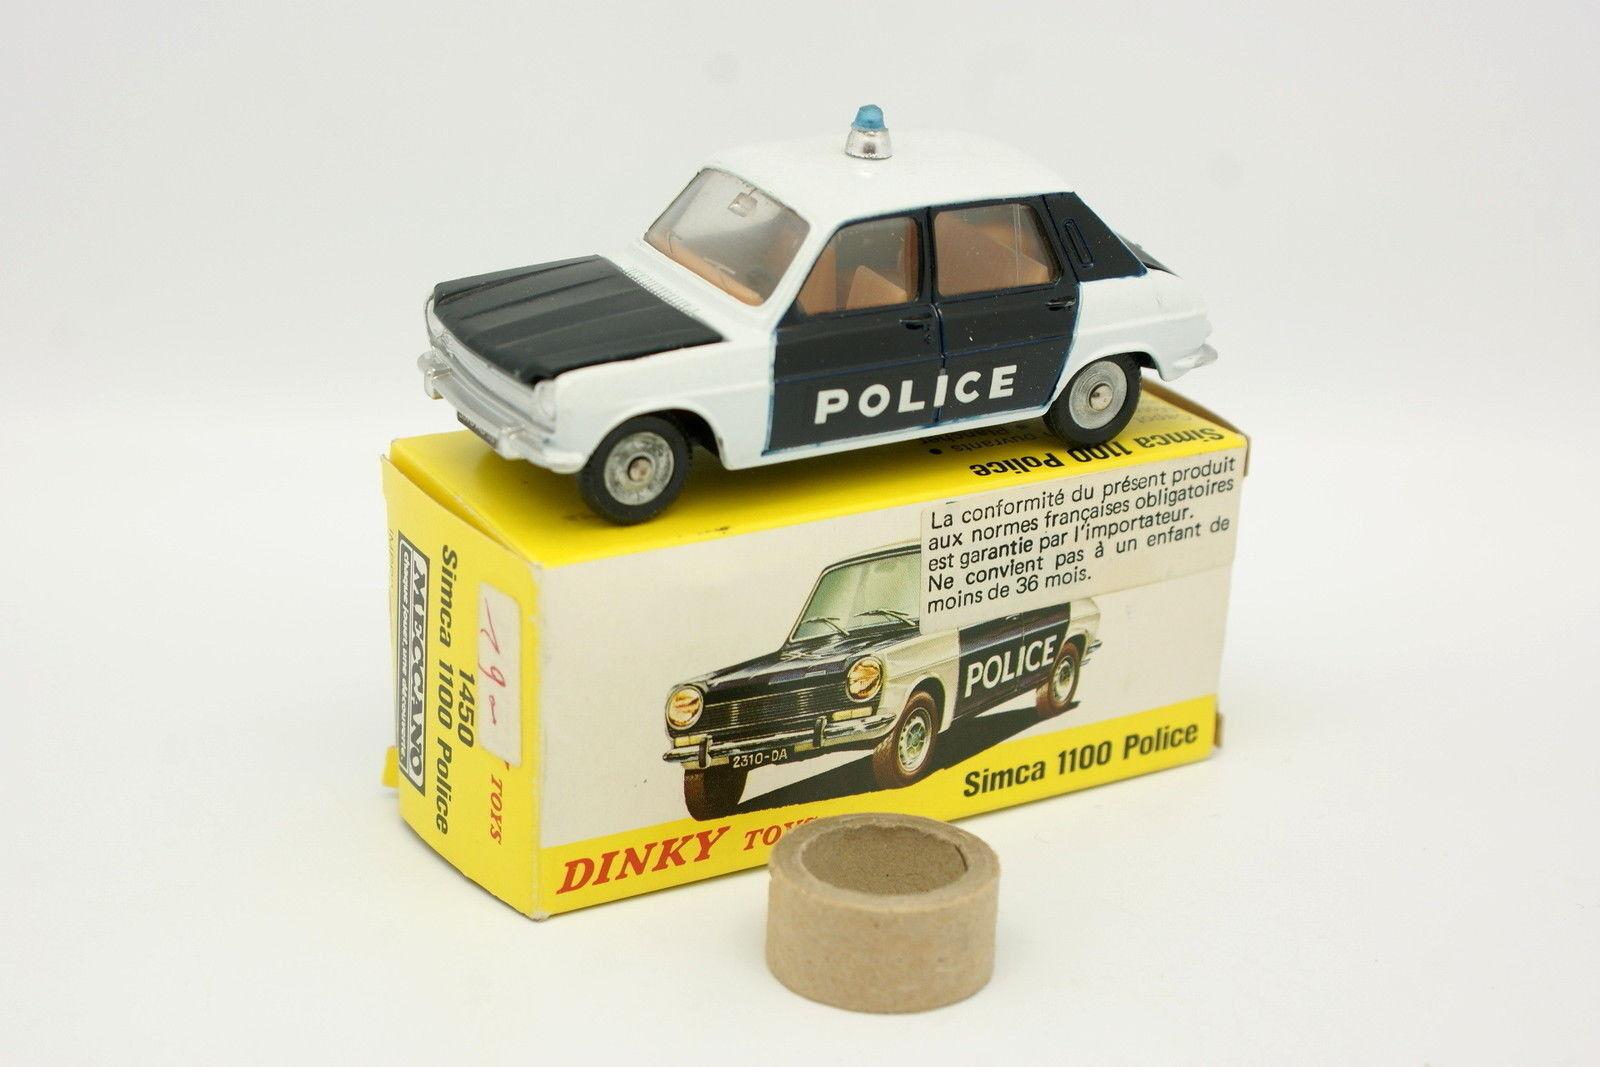 Dinky giocattoli Spain 1 43 - Simca 1100 Polizia 1450 Boite